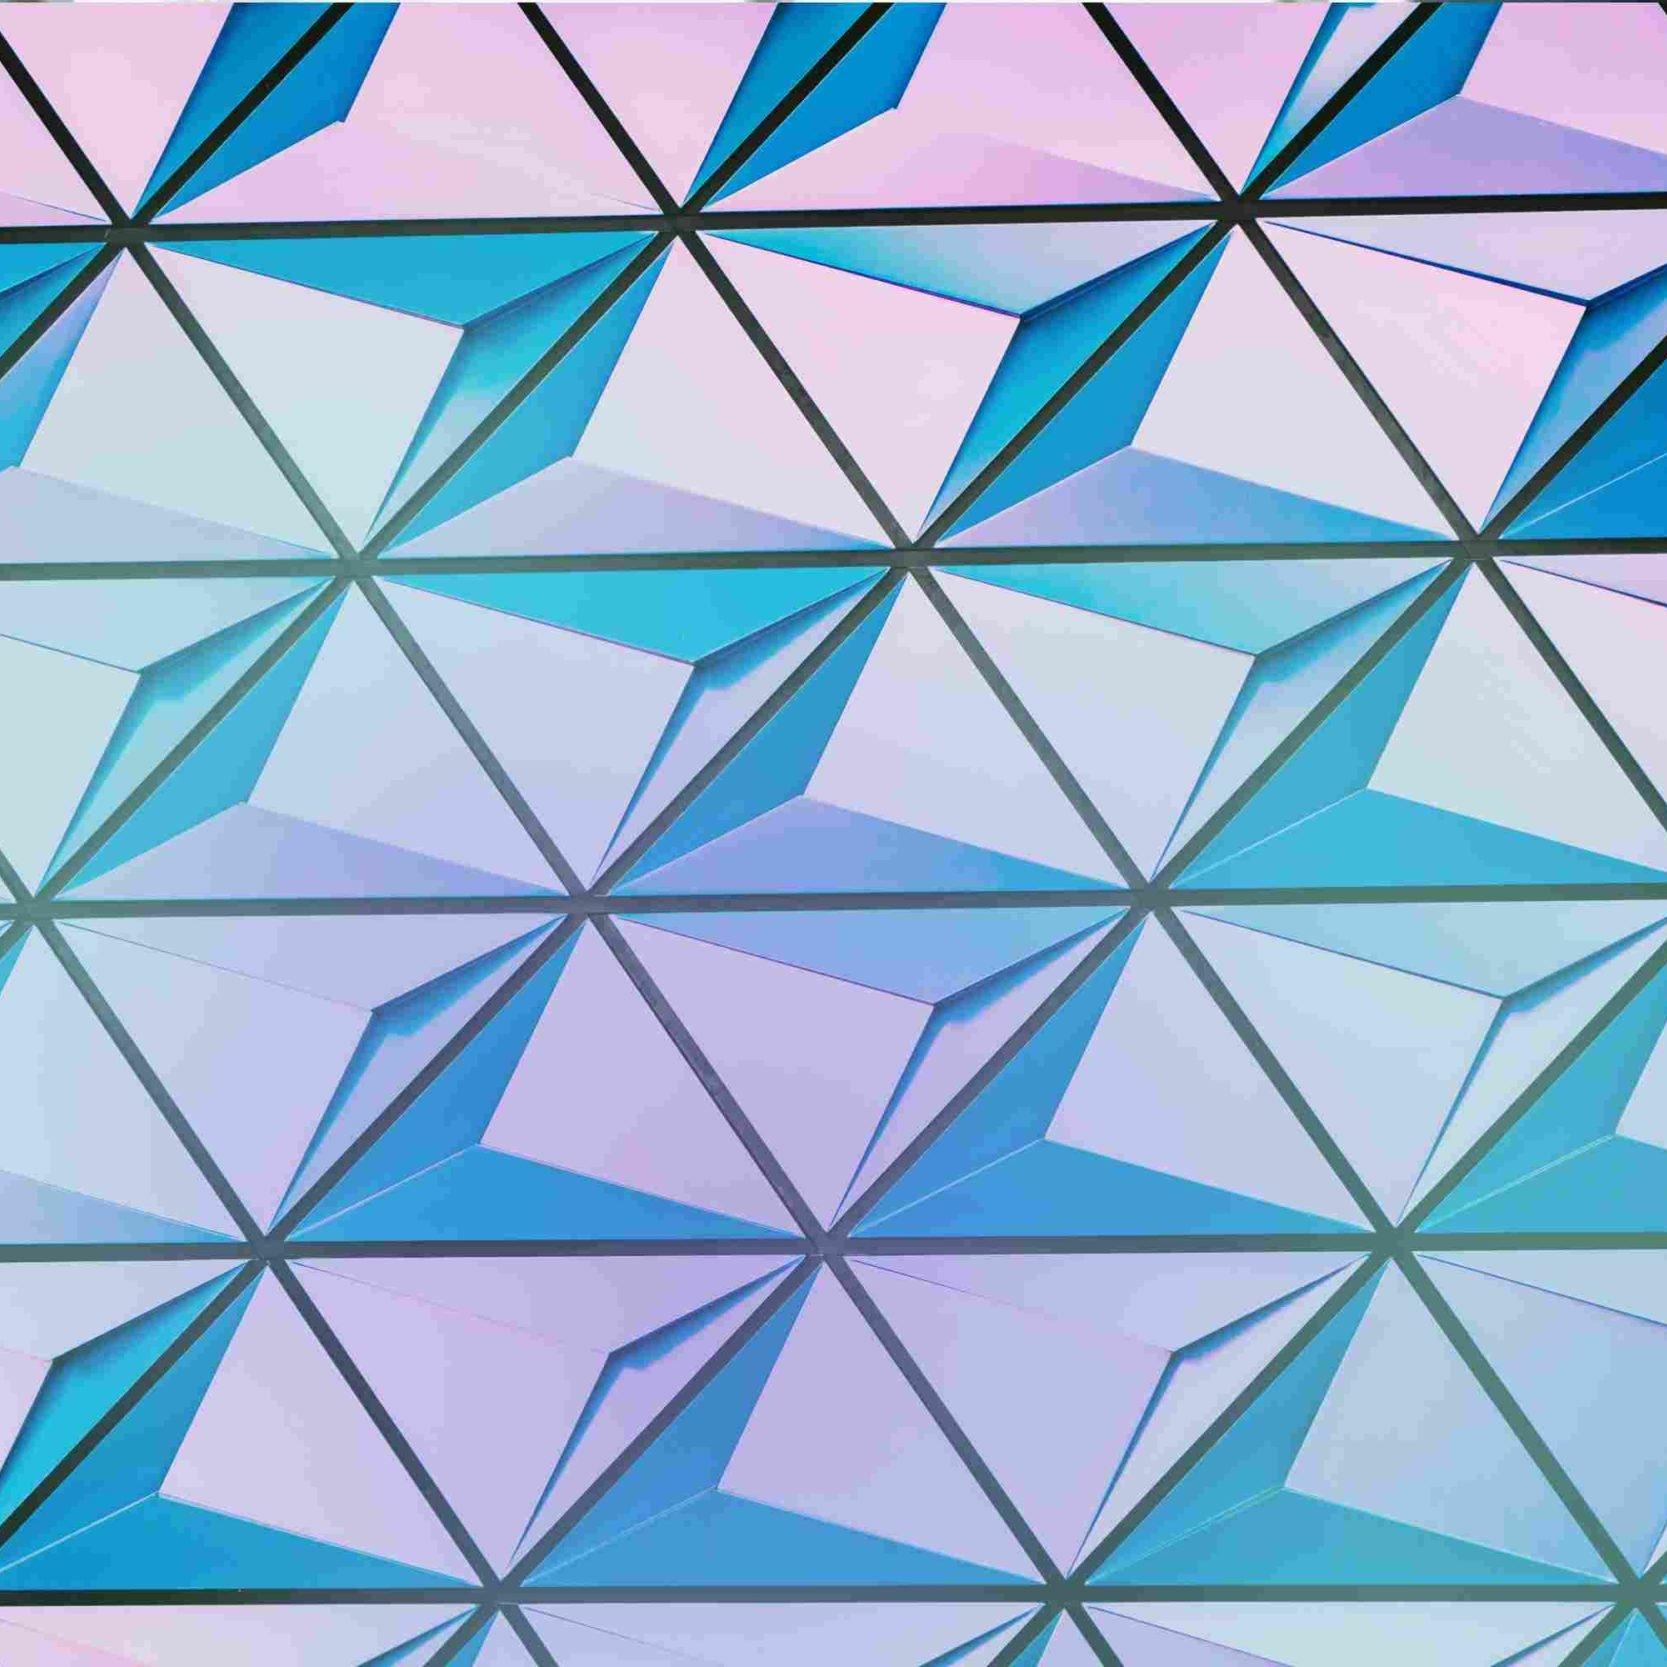 Architektur Kuben in lila und blau